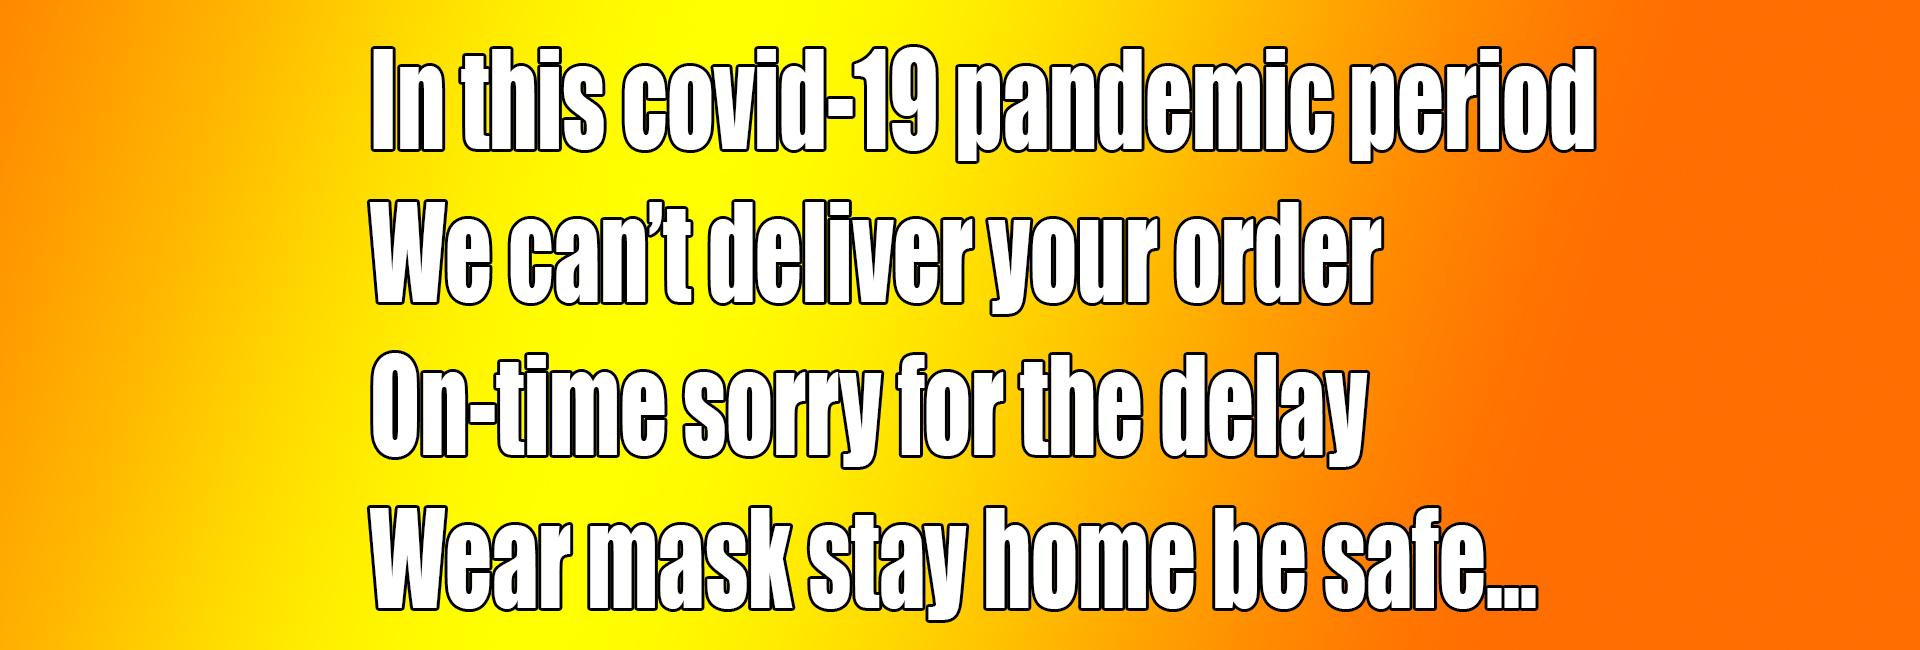 delivery delay image